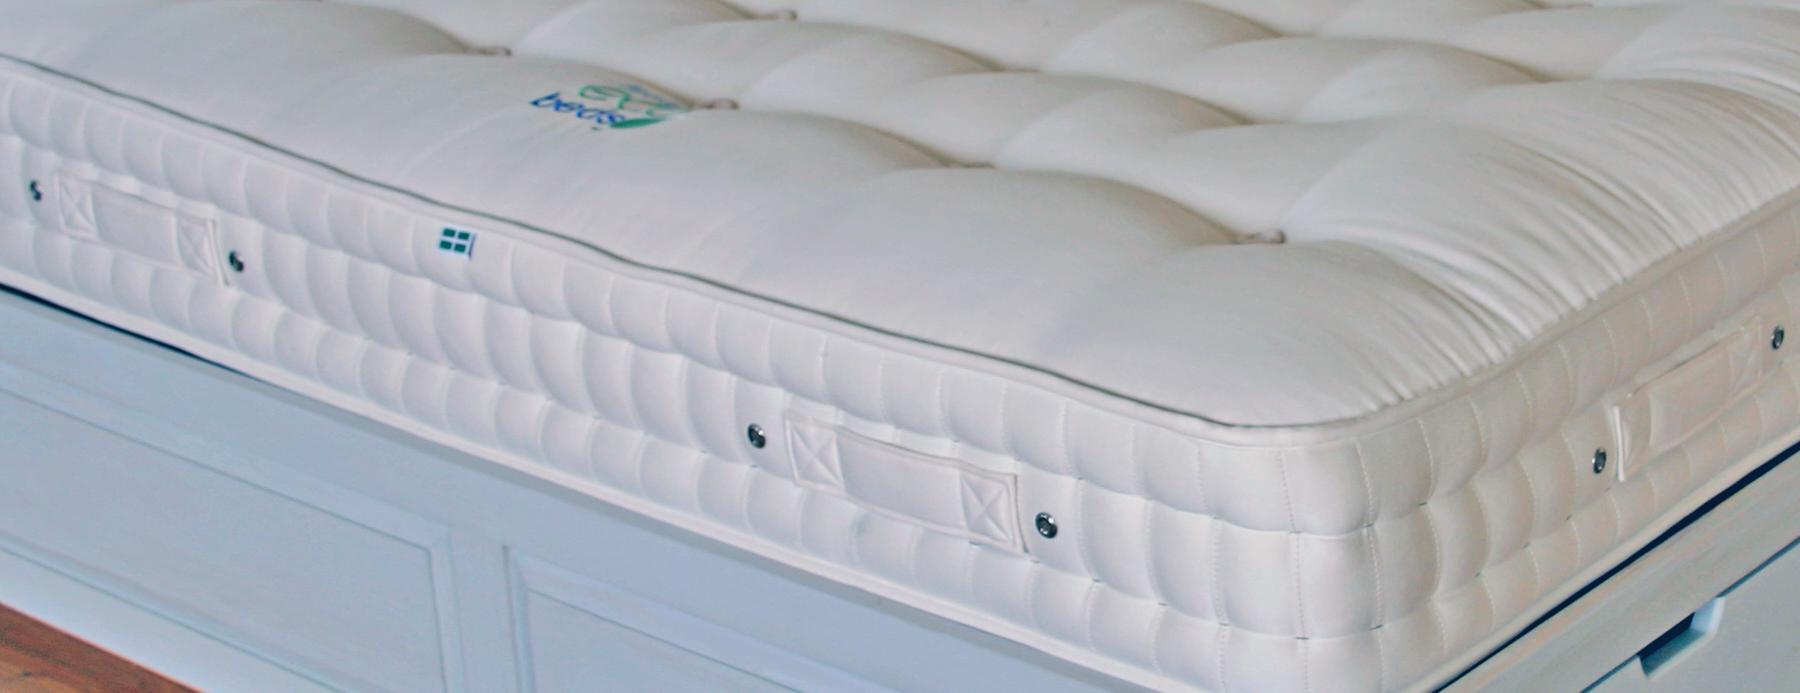 Feel-Good-Eco-Beds-Mattresses-header